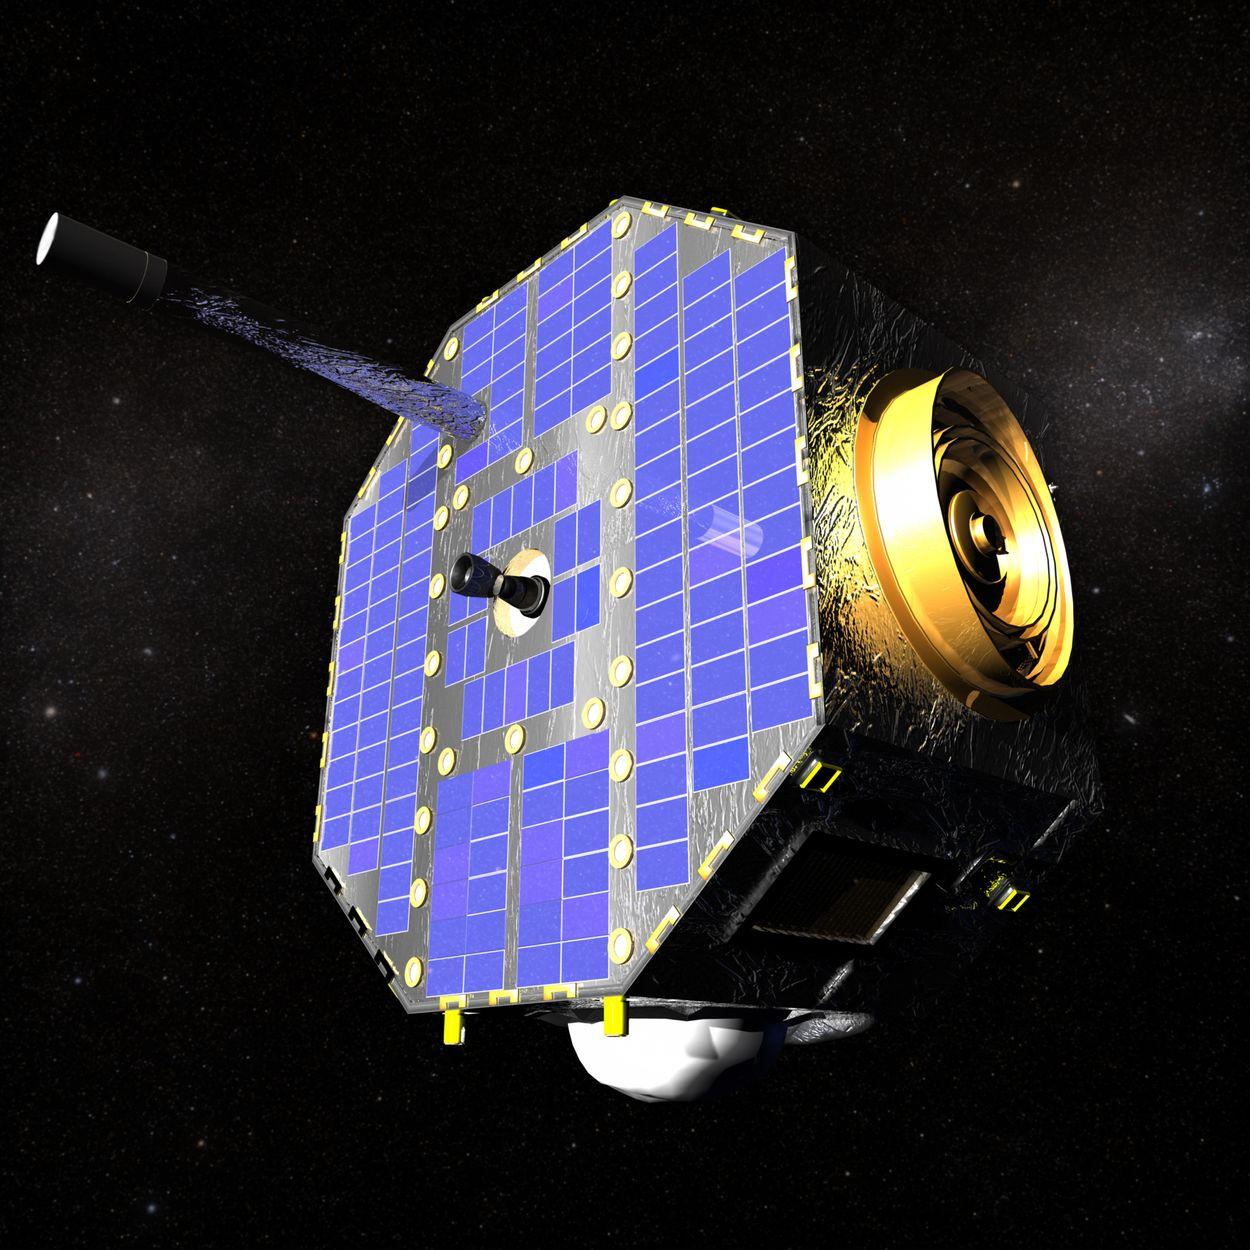 solar system alien concept - photo #30